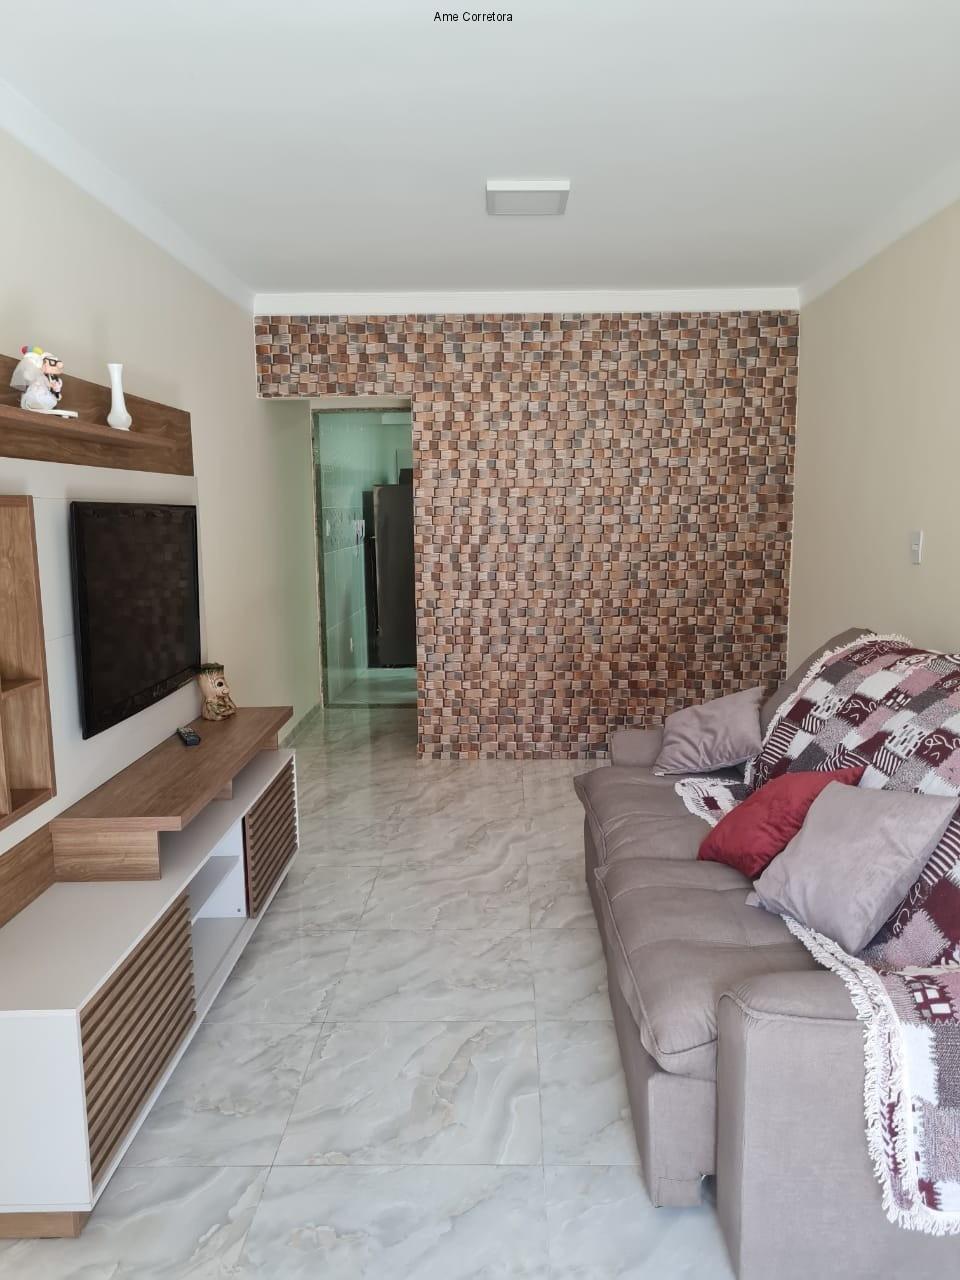 FOTO 33 - Casa 3 quartos à venda Bangu, Rio de Janeiro - R$ 480.000 - CA00872 - 21